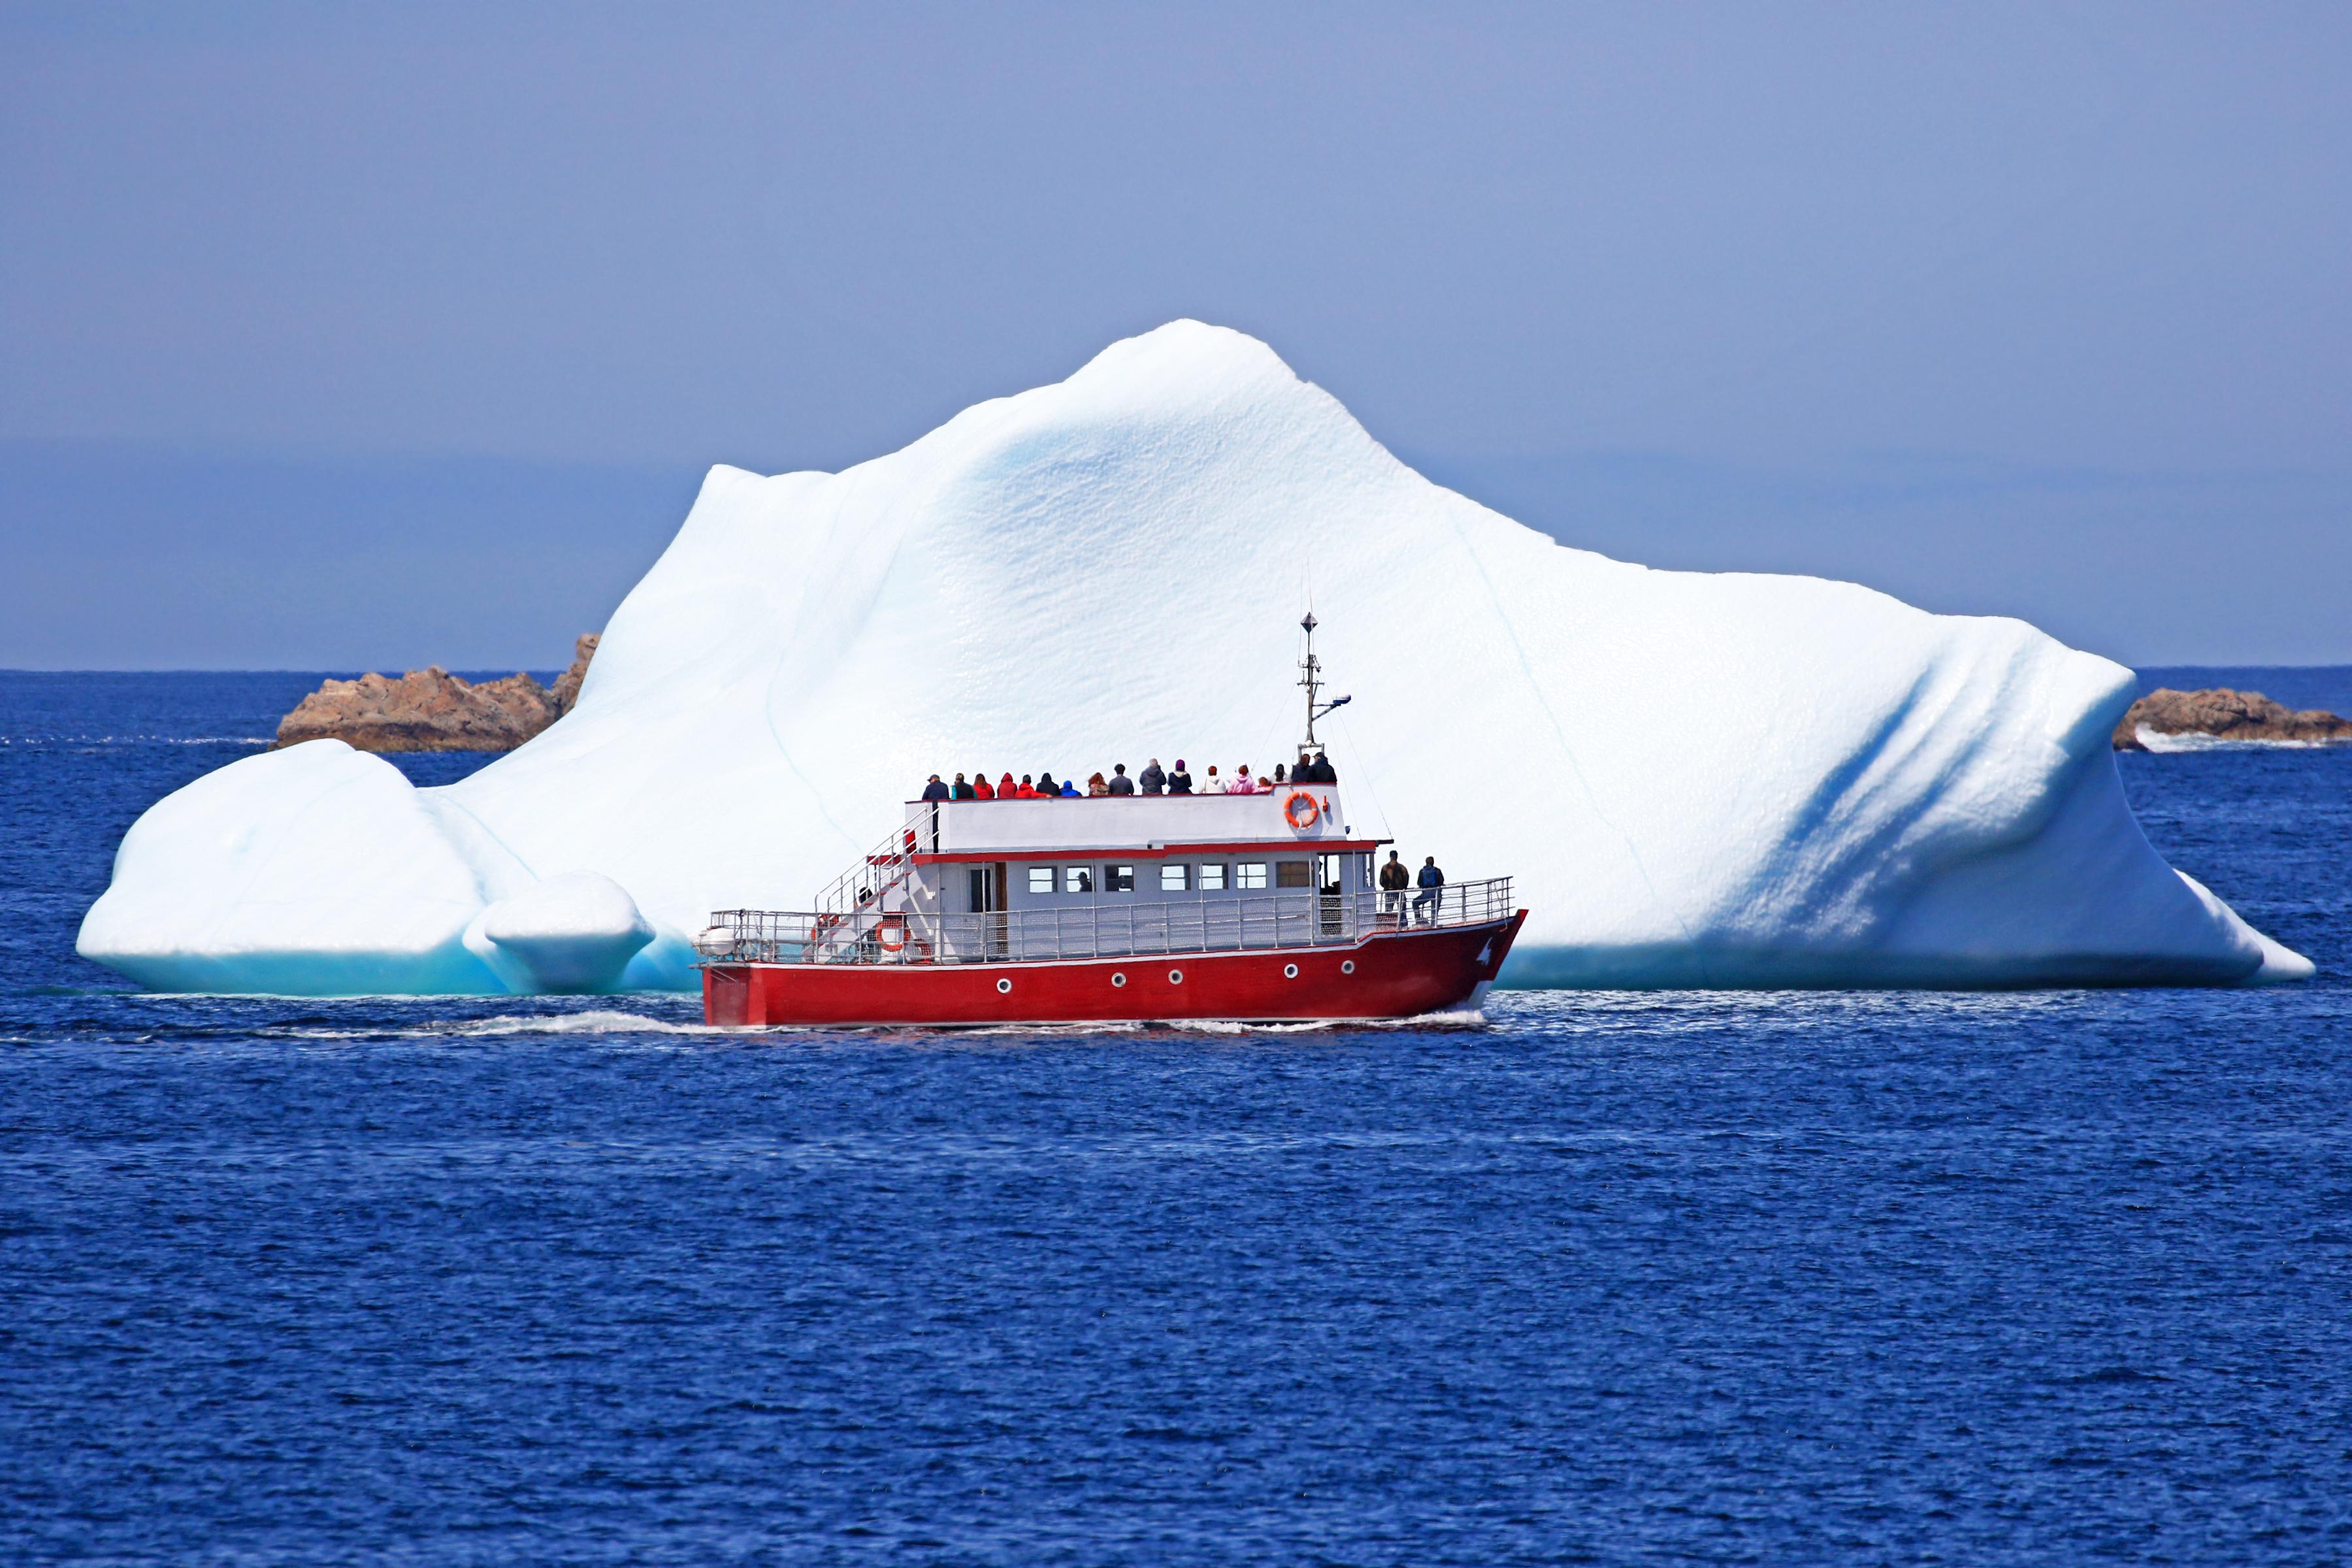 istock birdimage - Los icebergs llegan a Canadá y atraen a turistas de todo el mundo